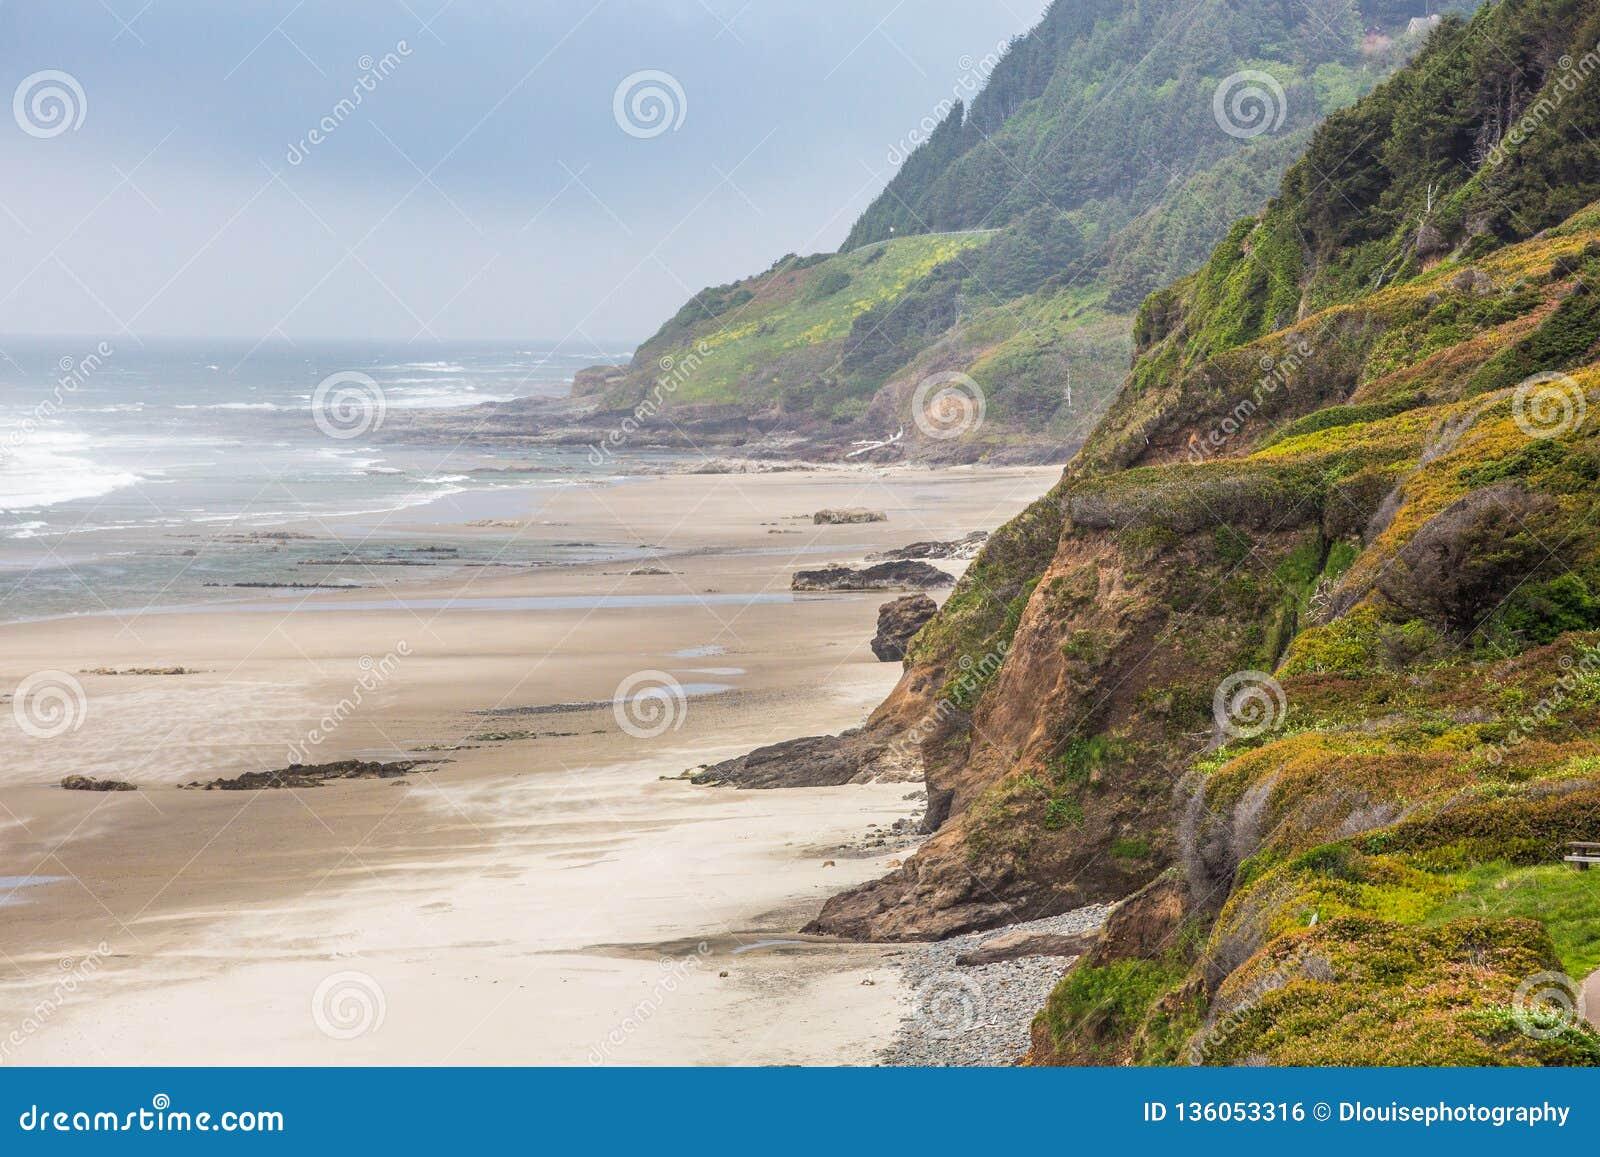 Обозревать скал Орегона Тихий океан северо-западный beachcombers dreal